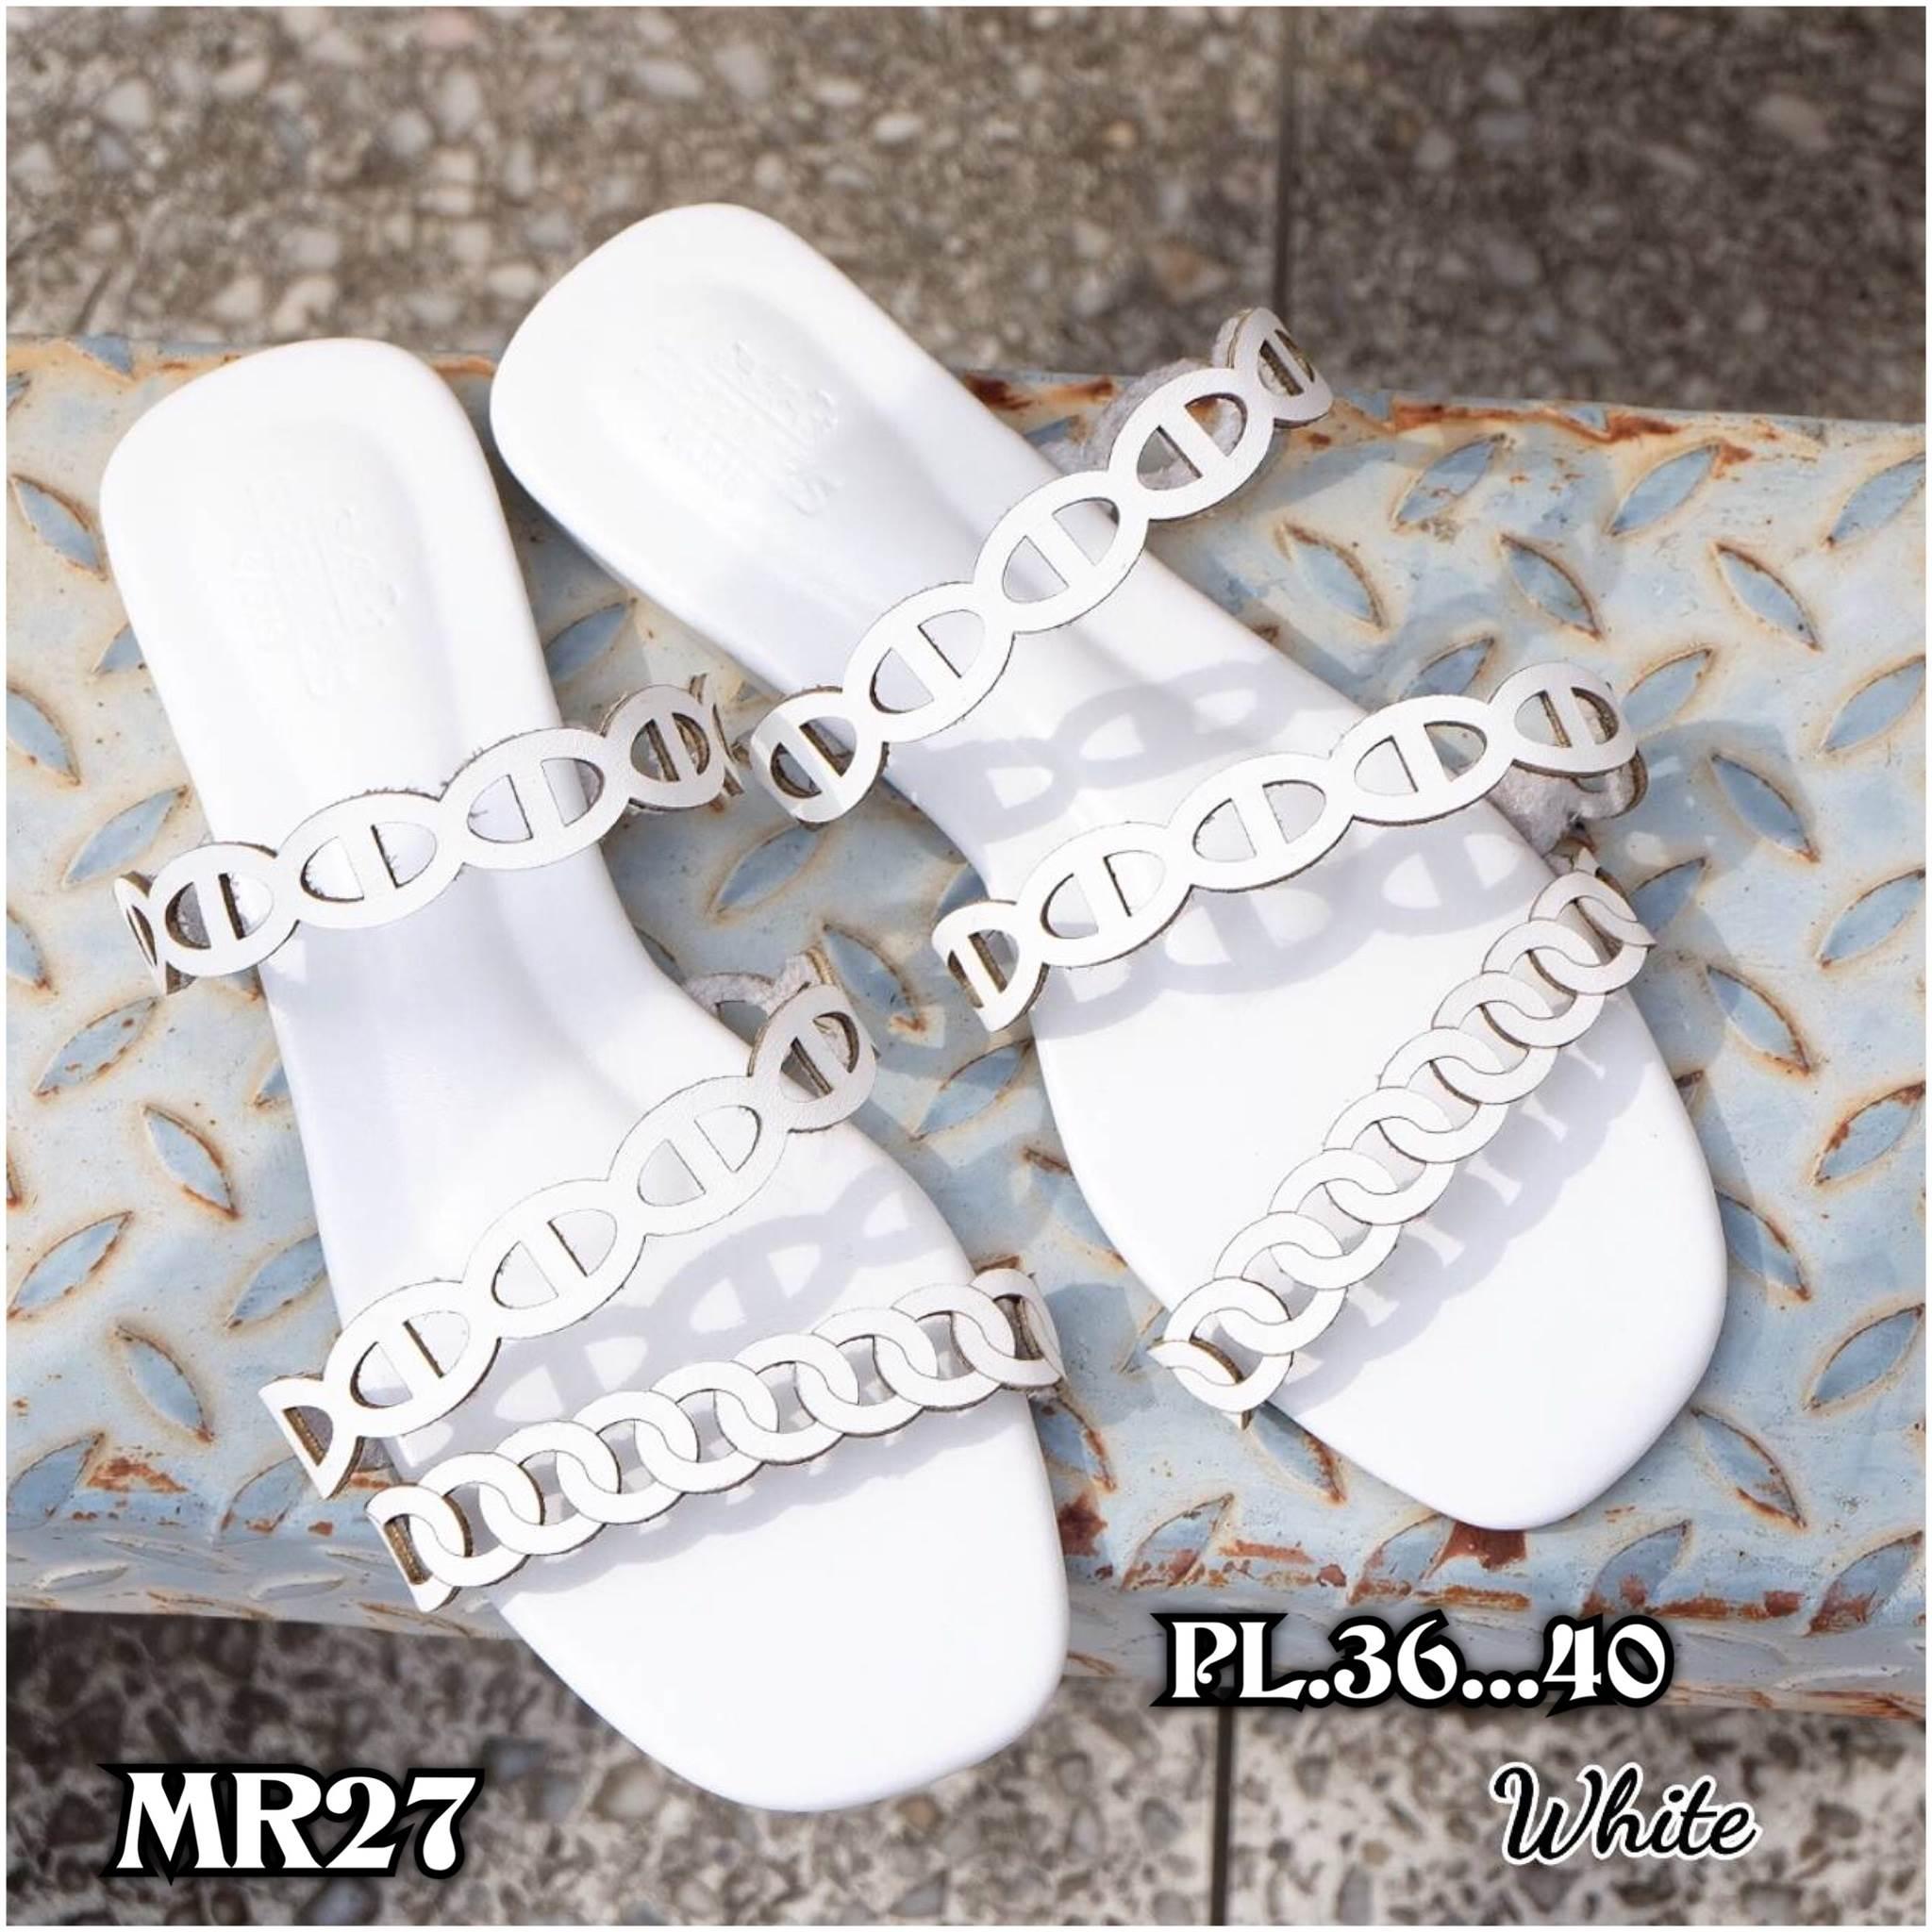 รองเท้าแตะแฟชั่น แบบสวม แต่งหนังเส้นลายฉลุสวยเก๋สไตล์แอร์เมส หนังนิ่ม ทรงสวย ใส่สบาย แมทสวยได้ทุกชุด (MR27)